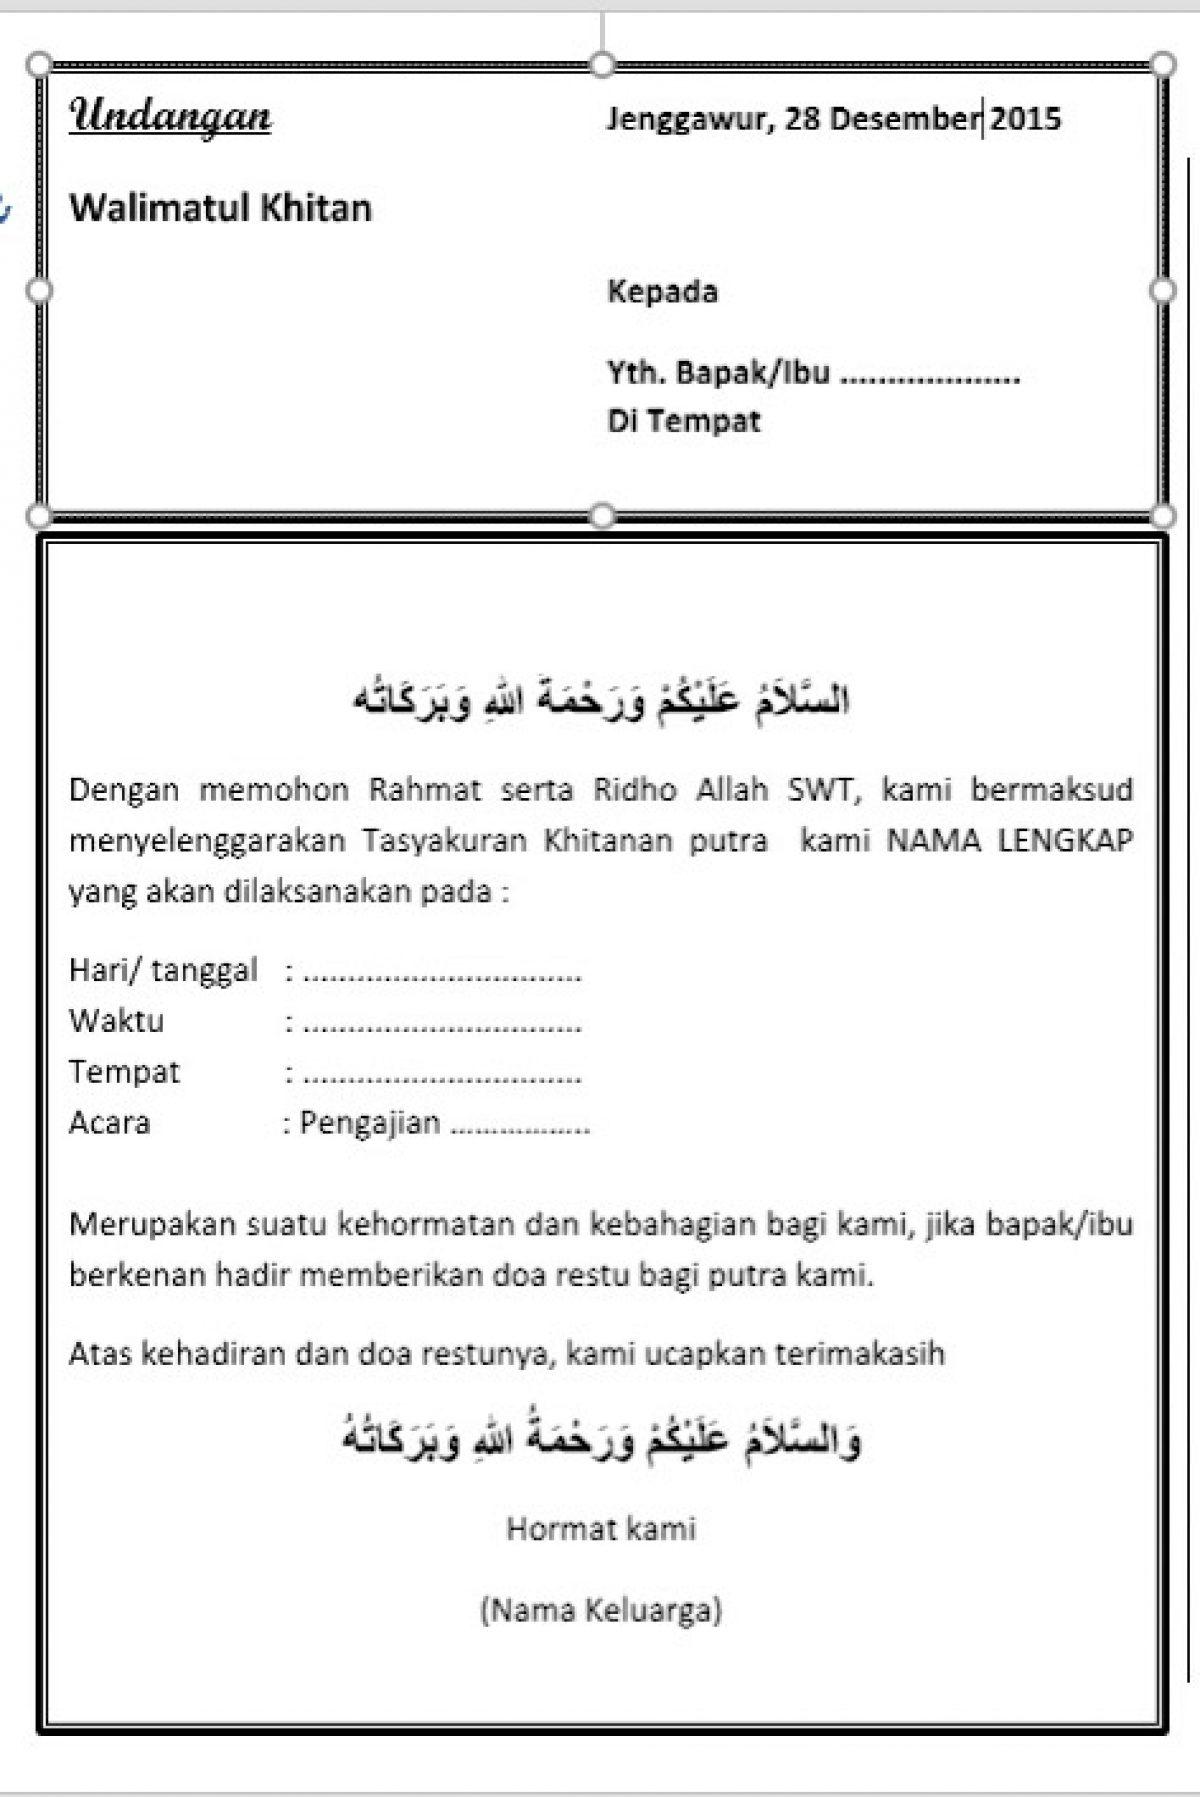 Contoh Surat Undangan Walimatul Khitan Belajar Office